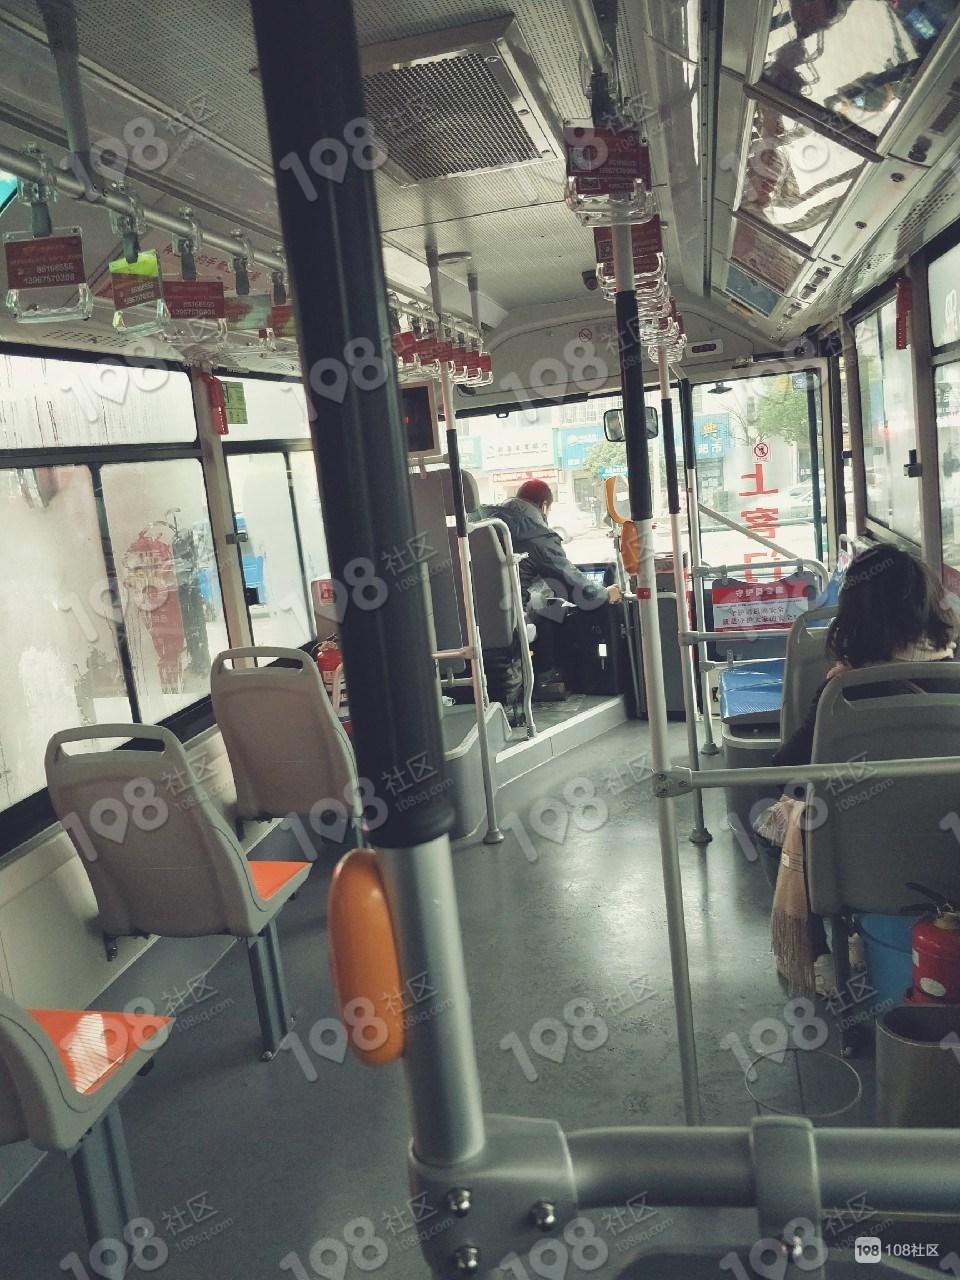 新鲜体验!8路公交刚有了这一大变化,就让我赶上了